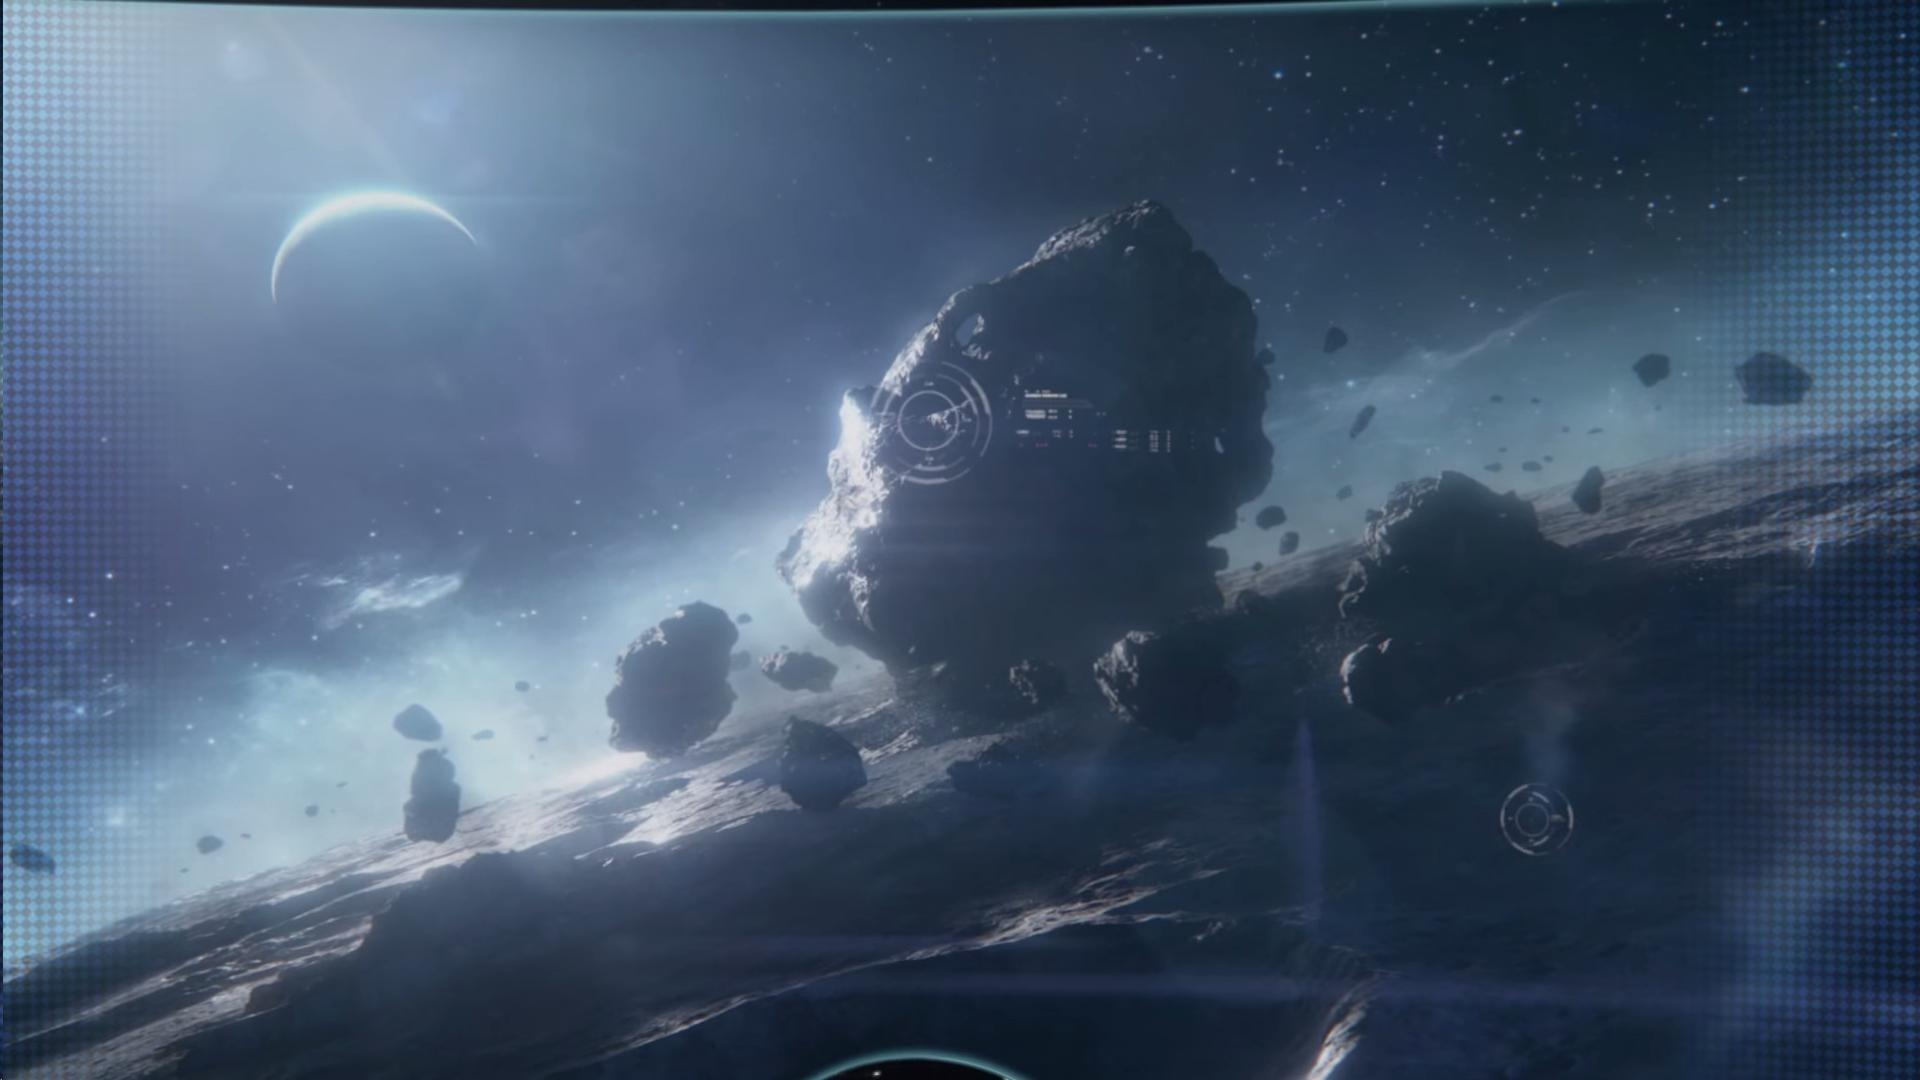 Mass effect andromeda faq everything we know so far for Espacio exterior 4k